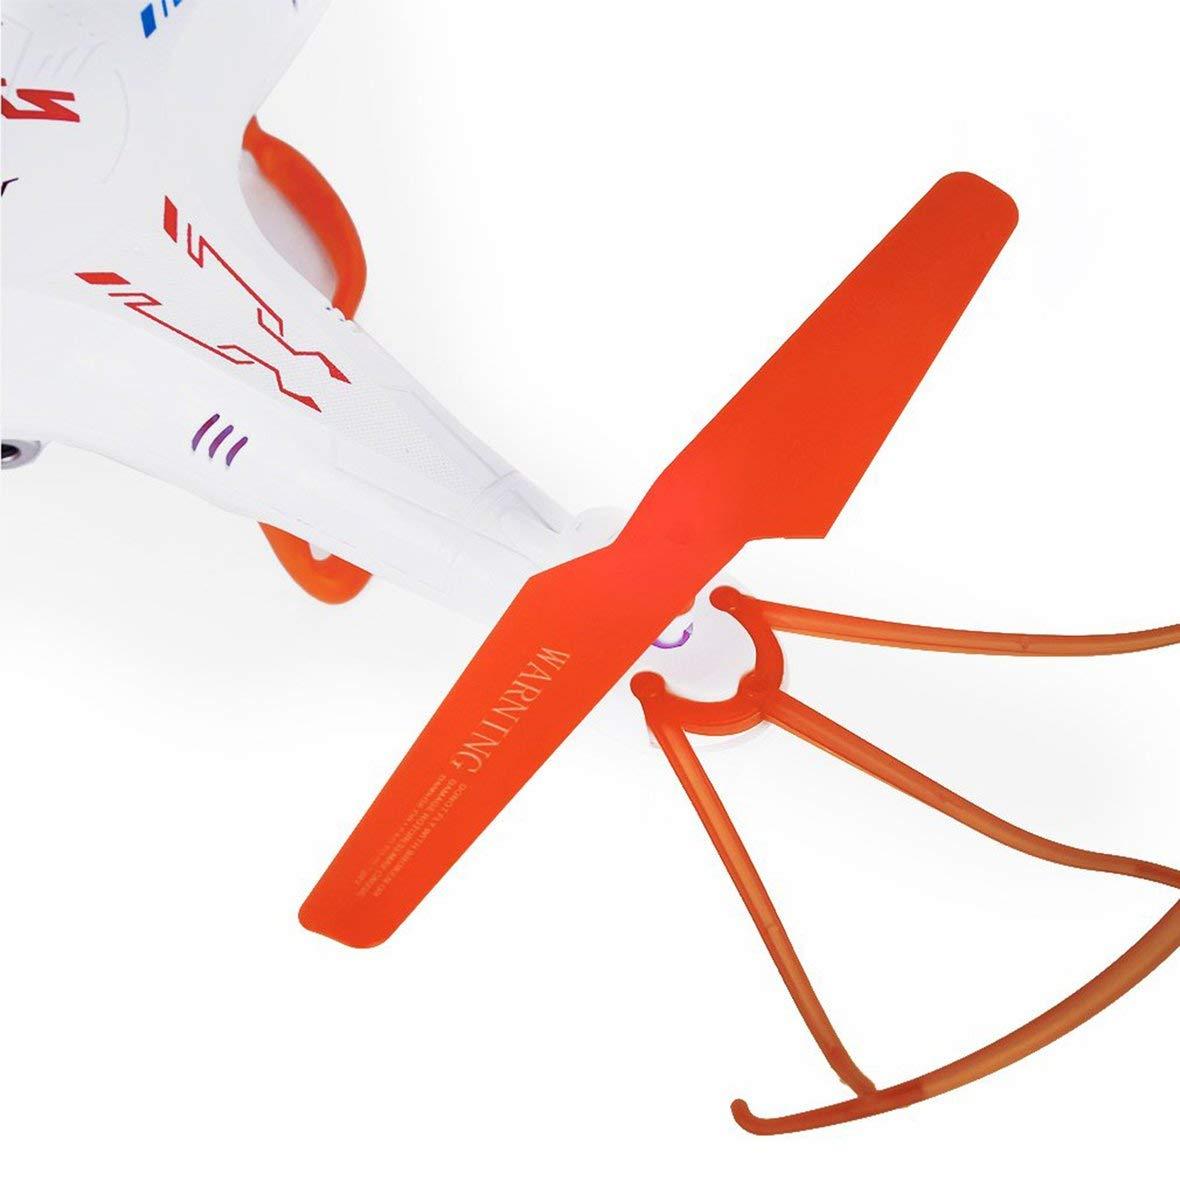 M68 X5SCW X5SC Heaviesk Pi/èces de Rechange pour pi/èces de Rechange de Rechange pour h/élicopt/ères UAV da/éronef /à 4 Axes pour Avions /à 4 Axes pour Drones Syma X5C